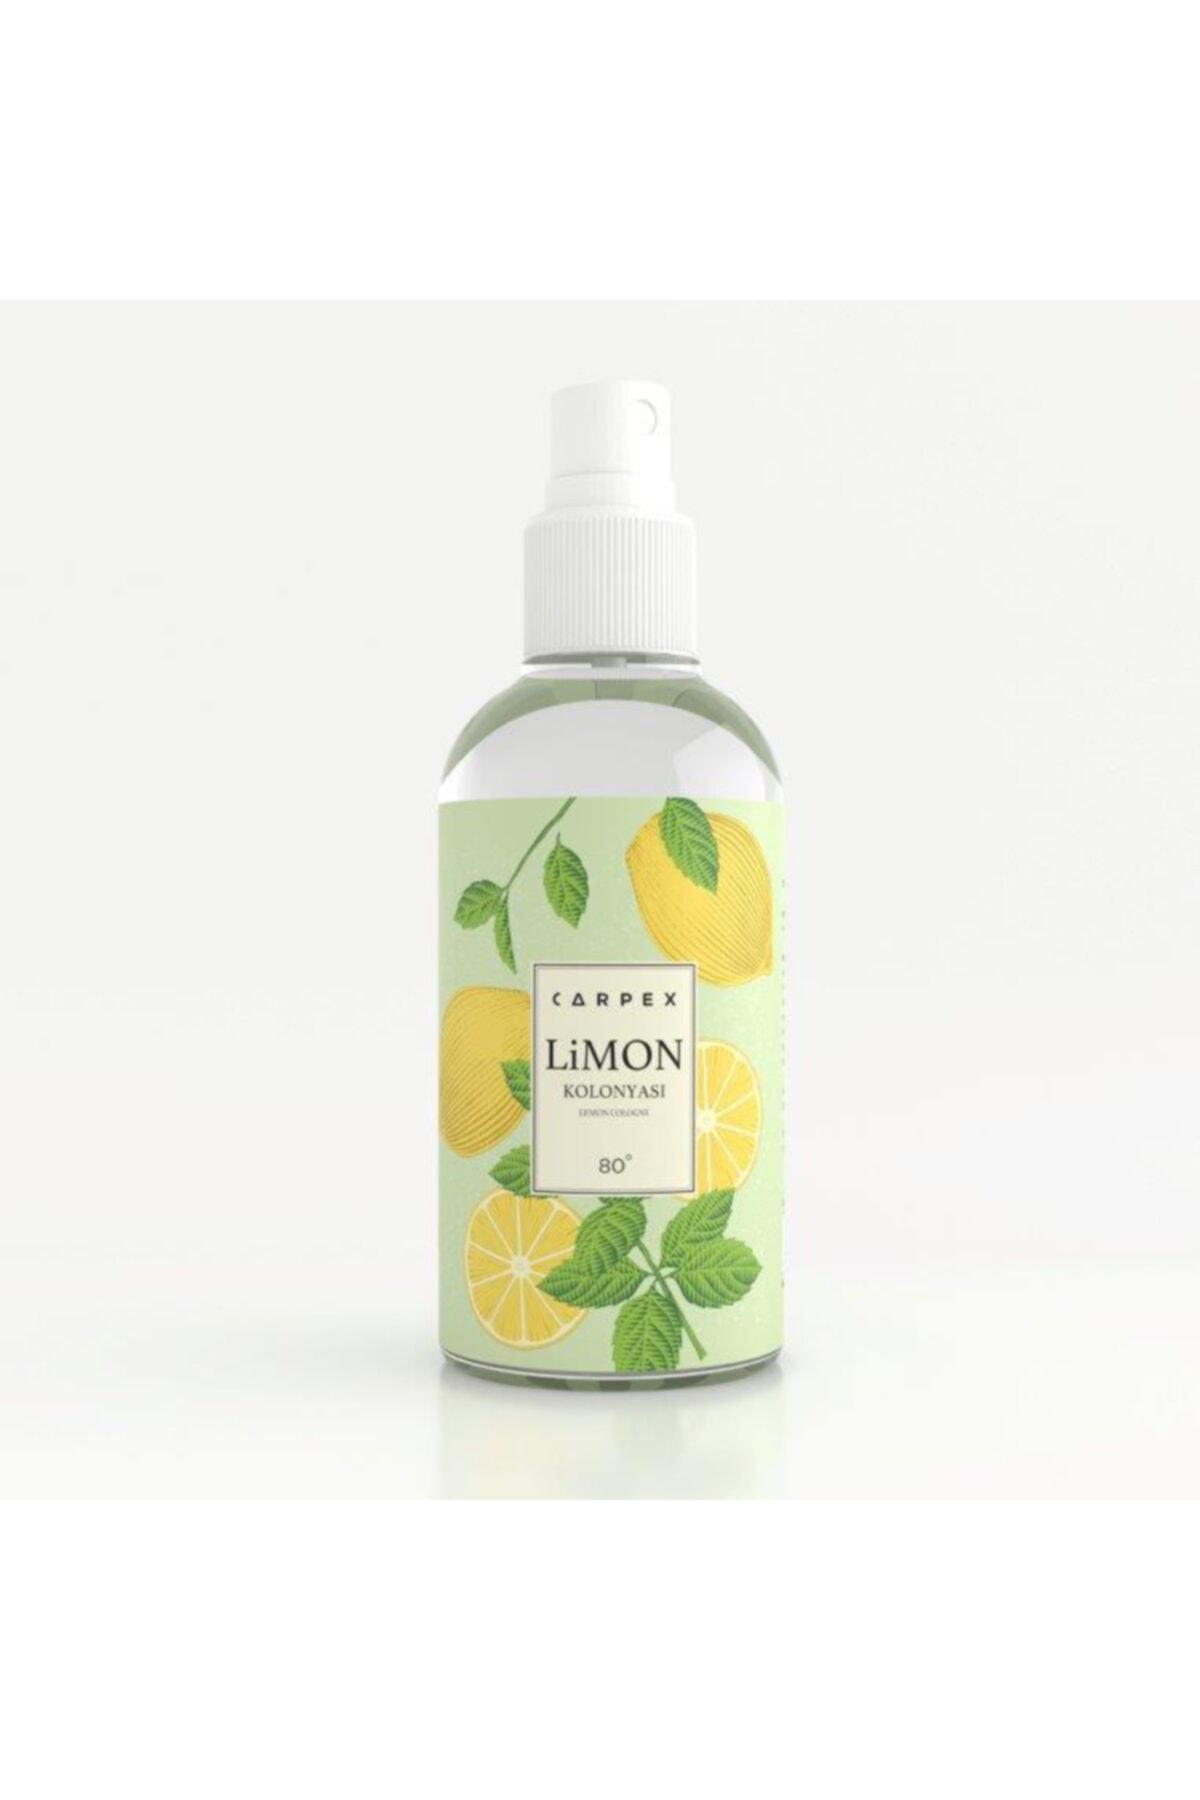 Carpex Limon Kolonyası Sprey 100 Ml - 80° Kolonya 1